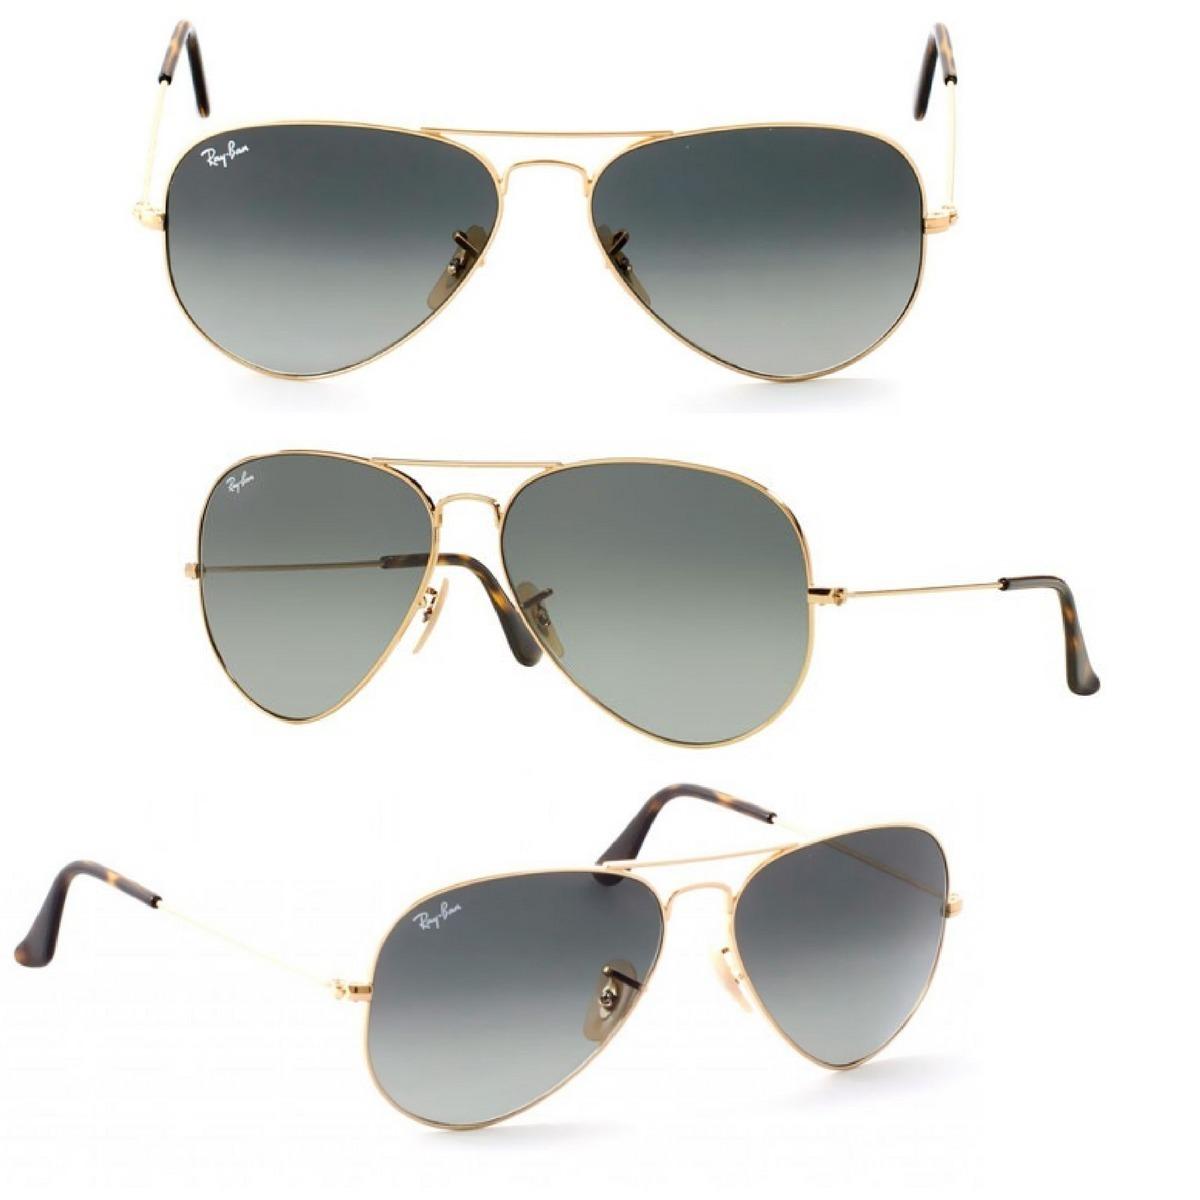 Oculos Aviador Degrade Rb Varias Cores Unissex P M G - R  50,56 em ... f7c6a1c88c